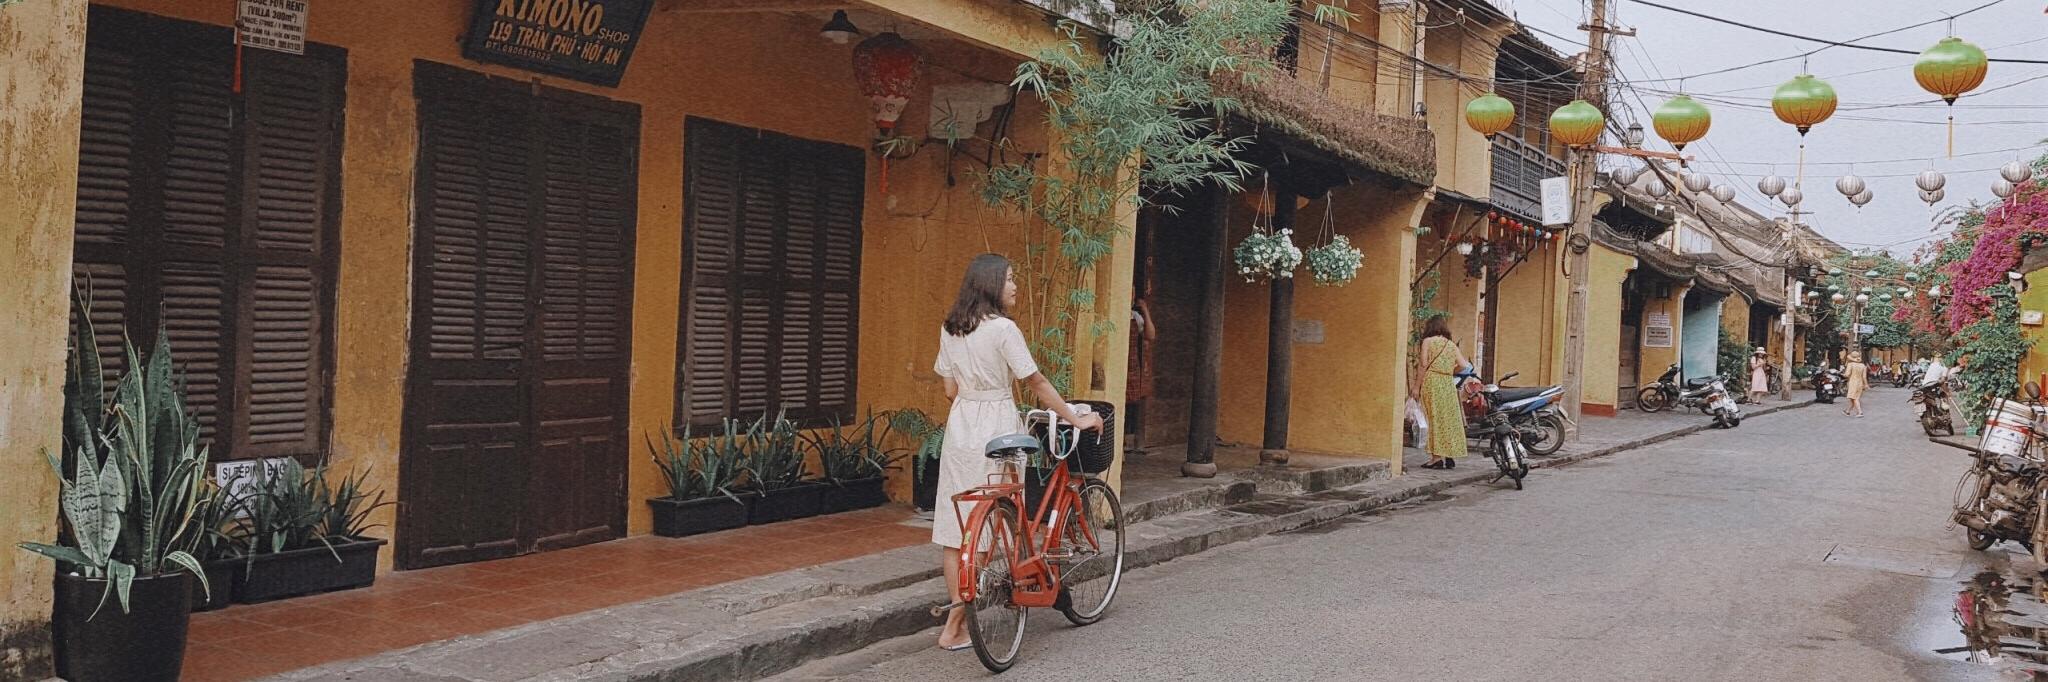 https://gody.vn/blog/hazeline956496/post/hoi-an-van-binh-yen-nhu-the-chi-co-da-nang-la-khong-muon-ngu-review-foodtour-da-nang-hoi-an-2019-6854